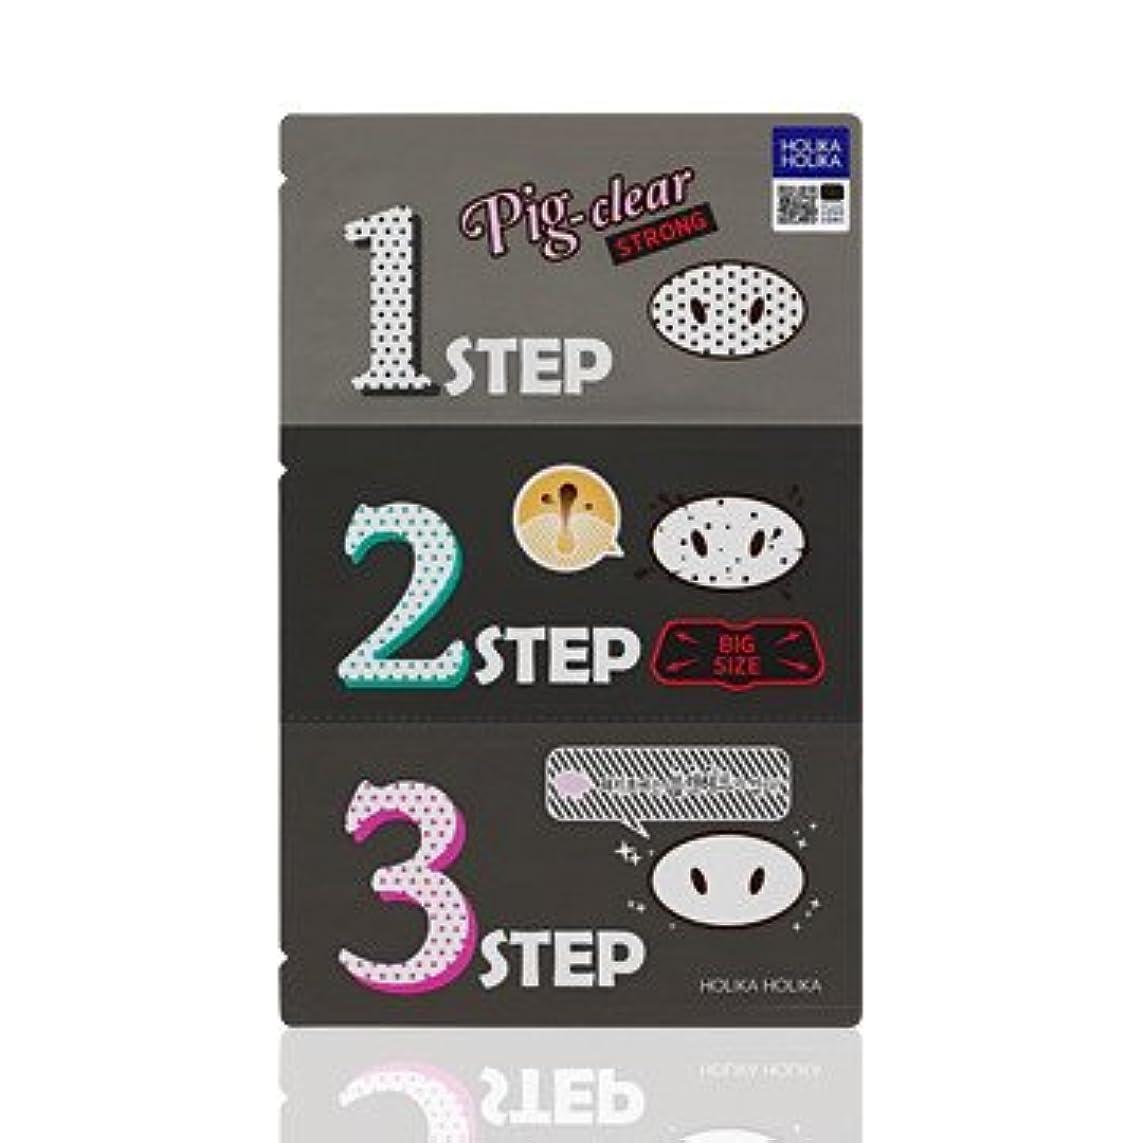 事務所相互接続リスクHolika Holika Pig Nose Clear Black Head 3-Step Kit 5EA